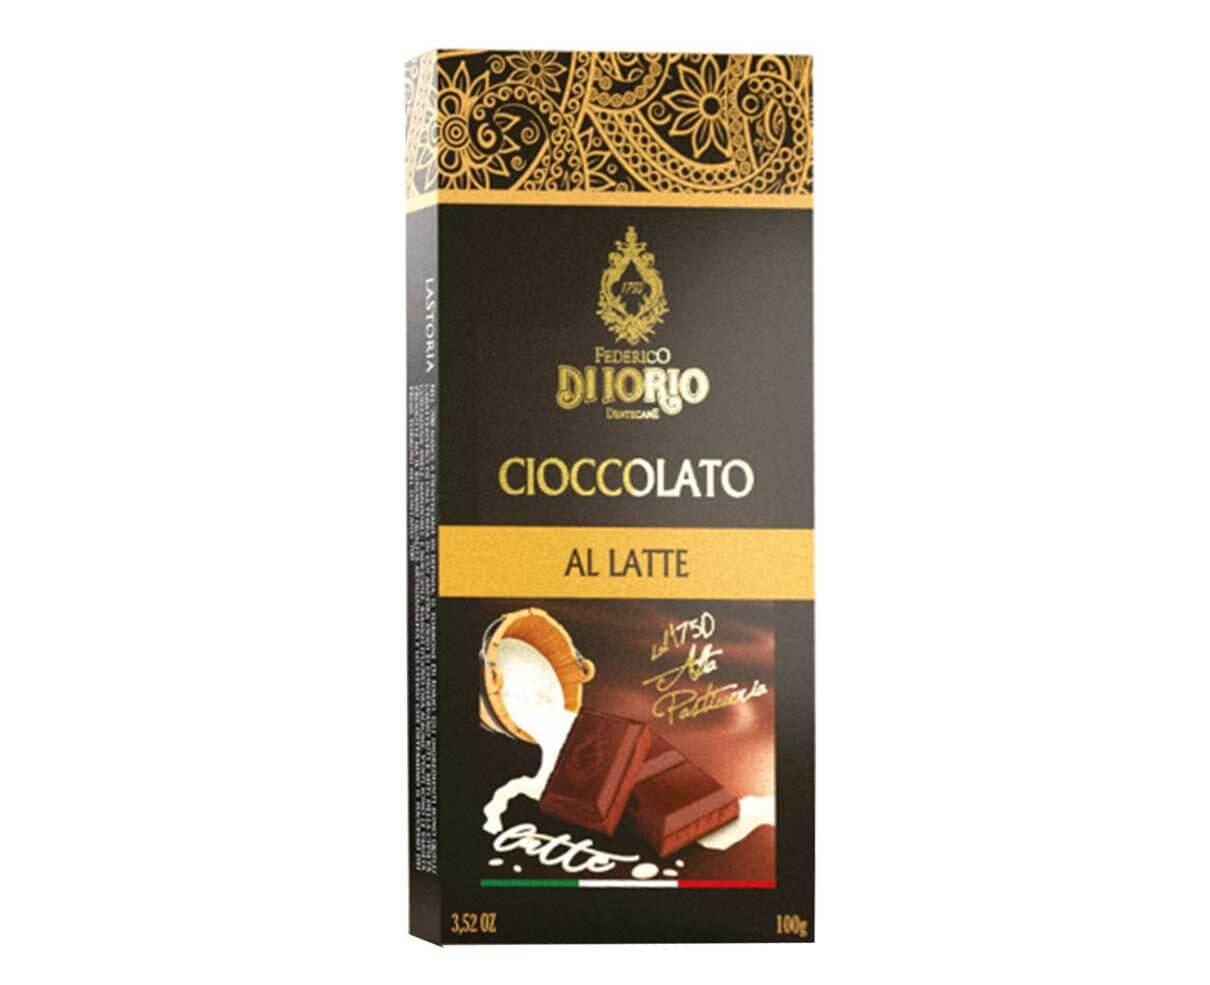 Cioccolato al latte Di Iorio 100gr